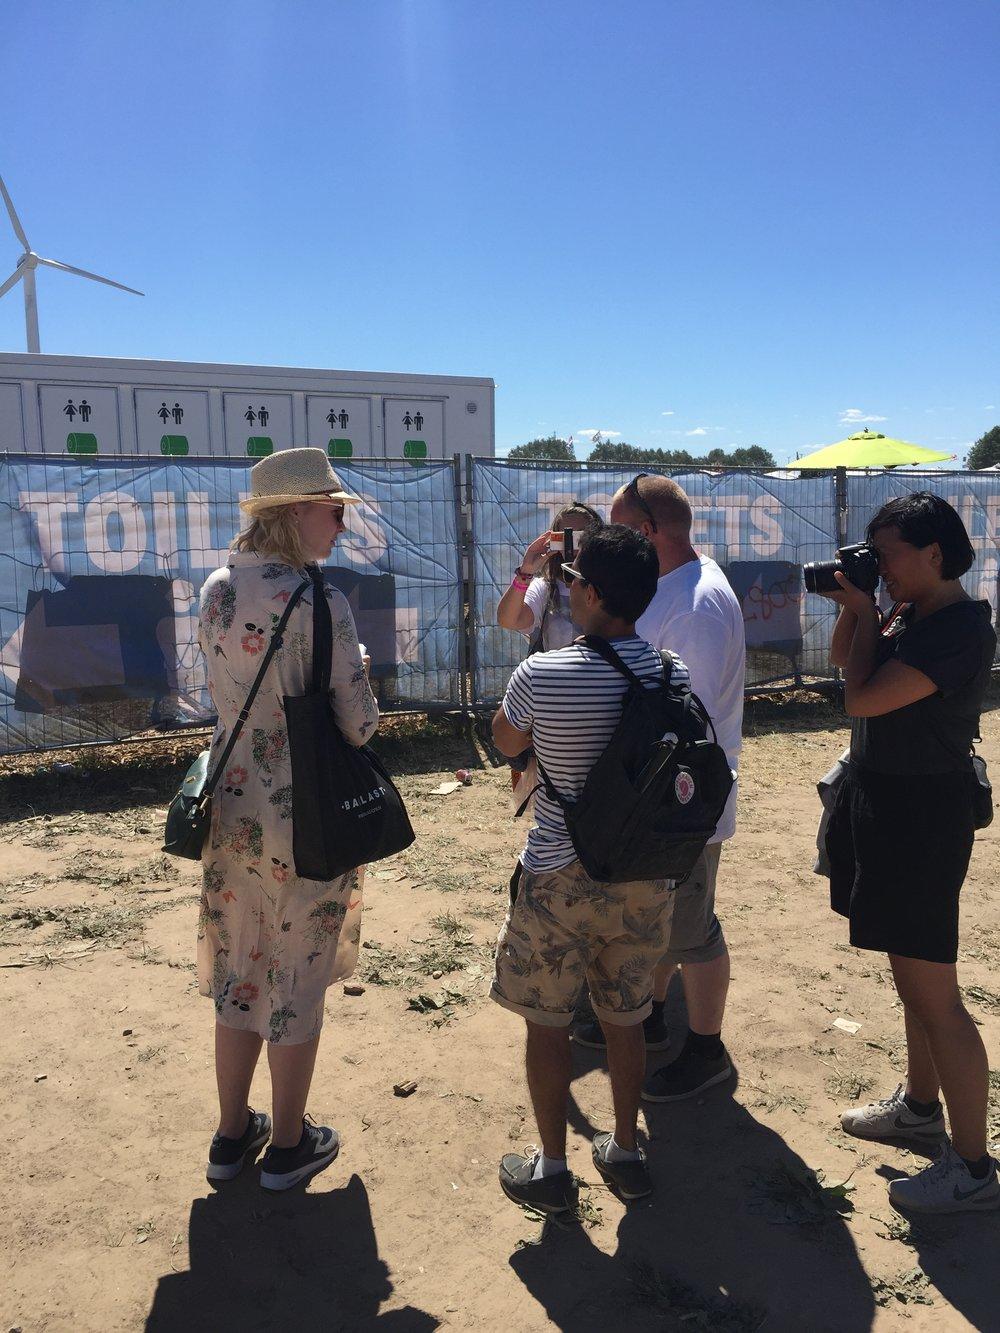 Helle, Jens og Lasse diskuterer toiletskiltning på festivalen